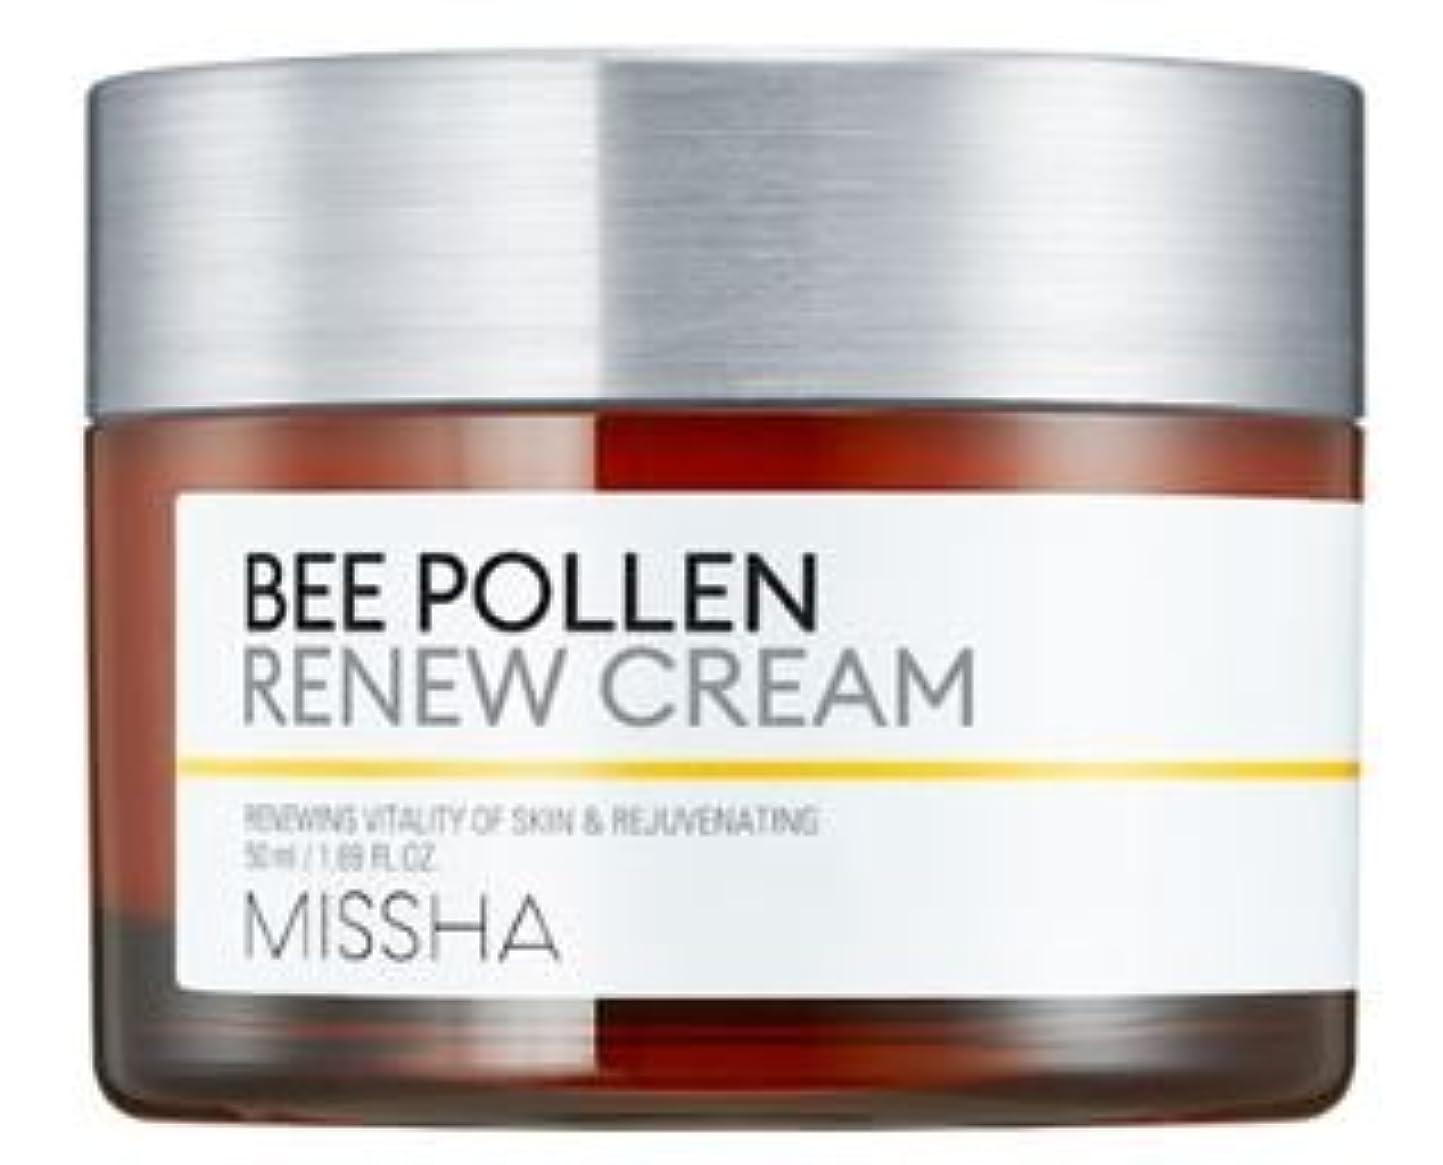 り不倫ペンス[Missha] Bee Pollen Renew Cream 50ml/[ミシャ] ビーポレンリニュークリーム50ml [並行輸入品]